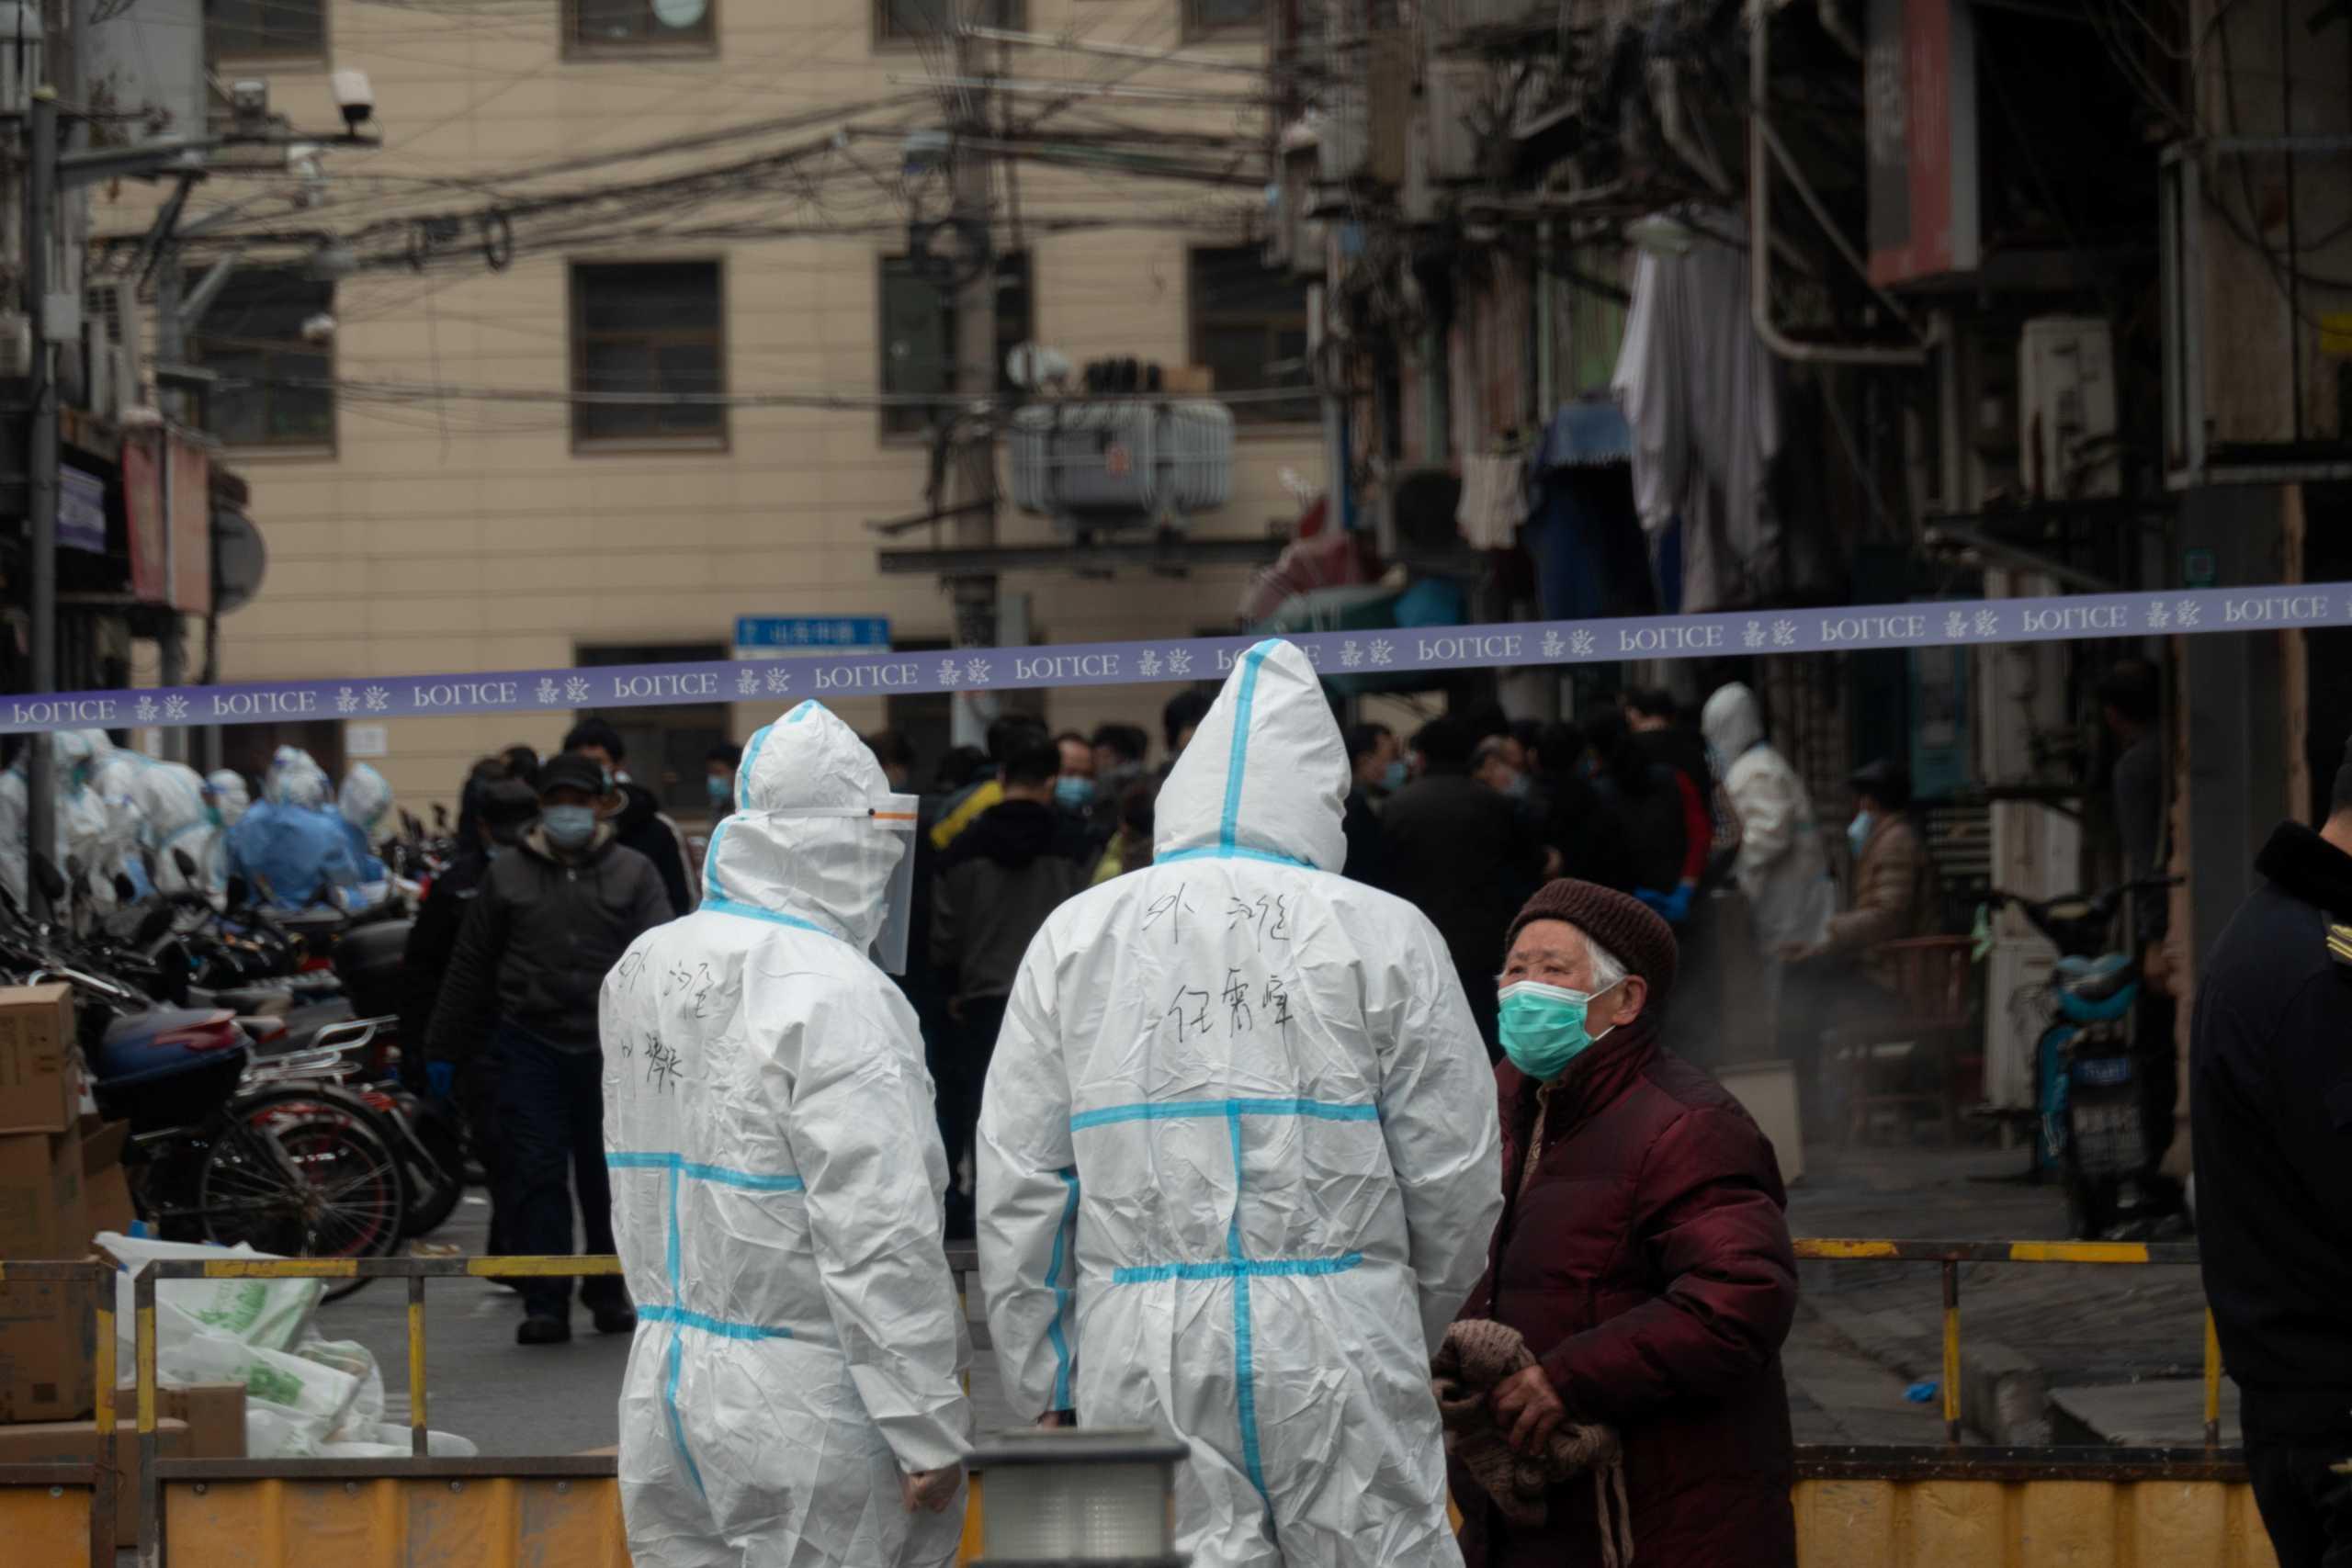 Κίνα – Συναγερμός στην Σανγκάη: Εκκενώθηκε συνοικία μετά τον εντοπισμό κρουσμάτων κορονοϊού